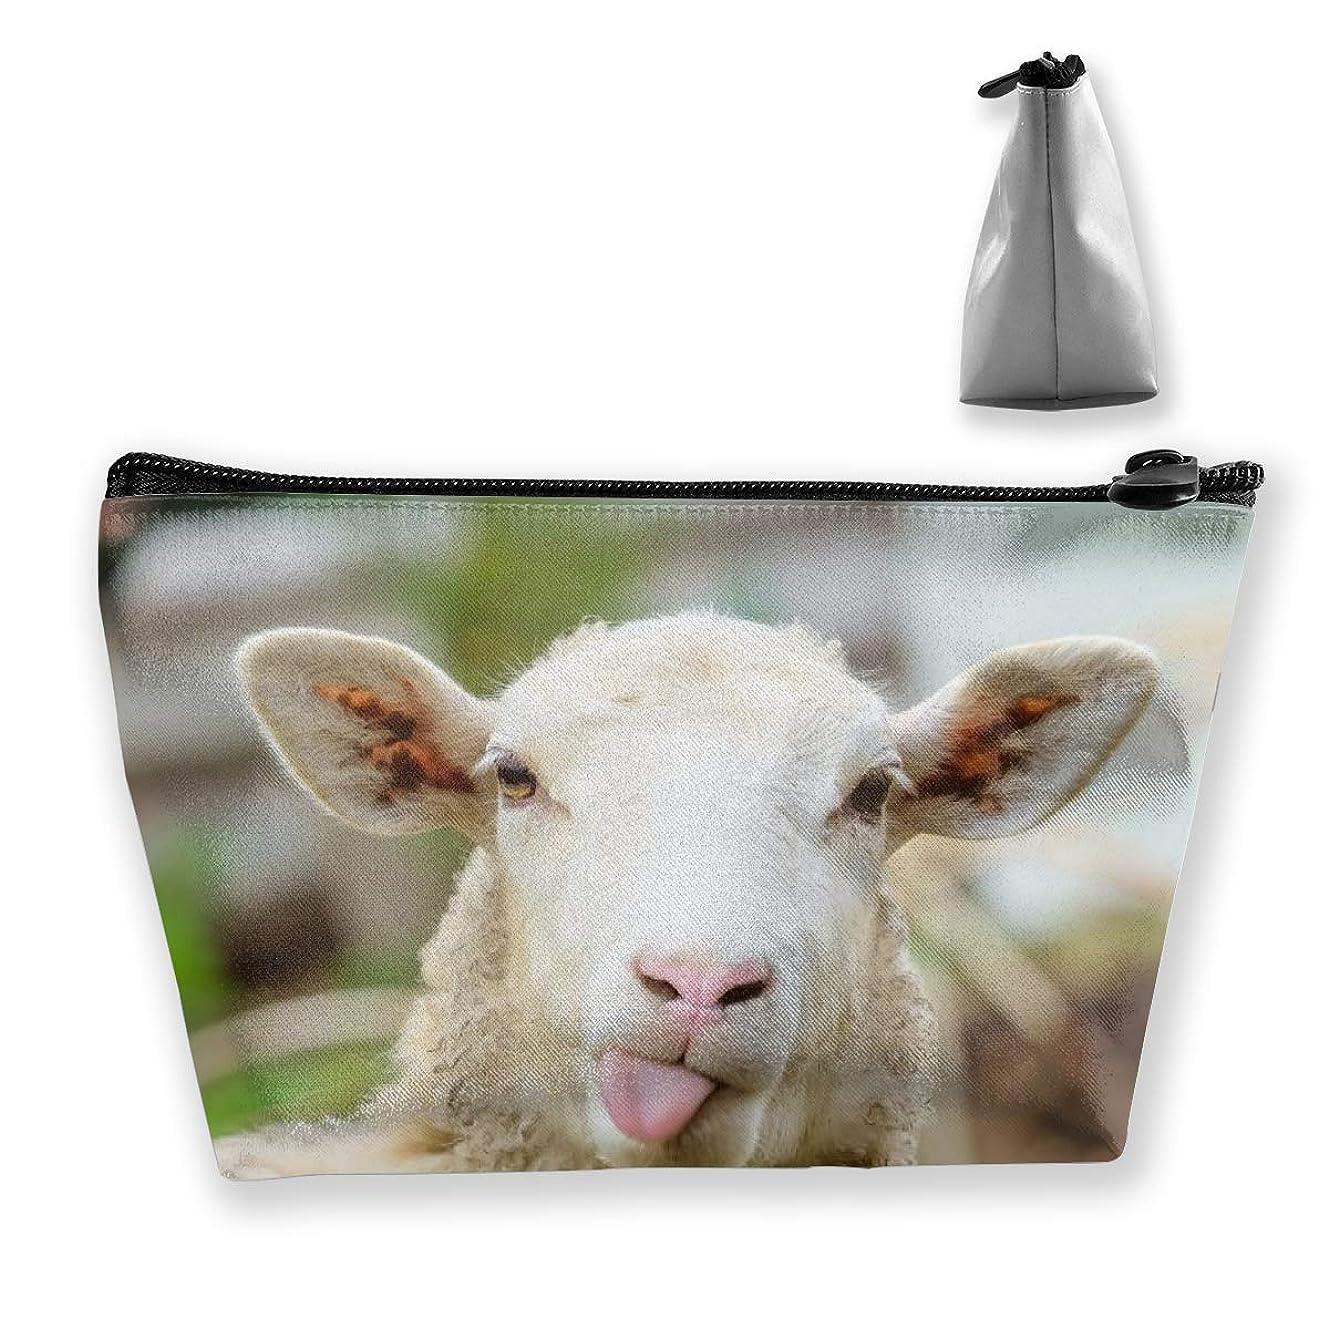 バレル進むビスケット収納ポーチ 面白いいたずらな羊 化粧ポーチ トラベルポーチ 小物入れ 小財布 防水 大容量 旅行 おしゃれ